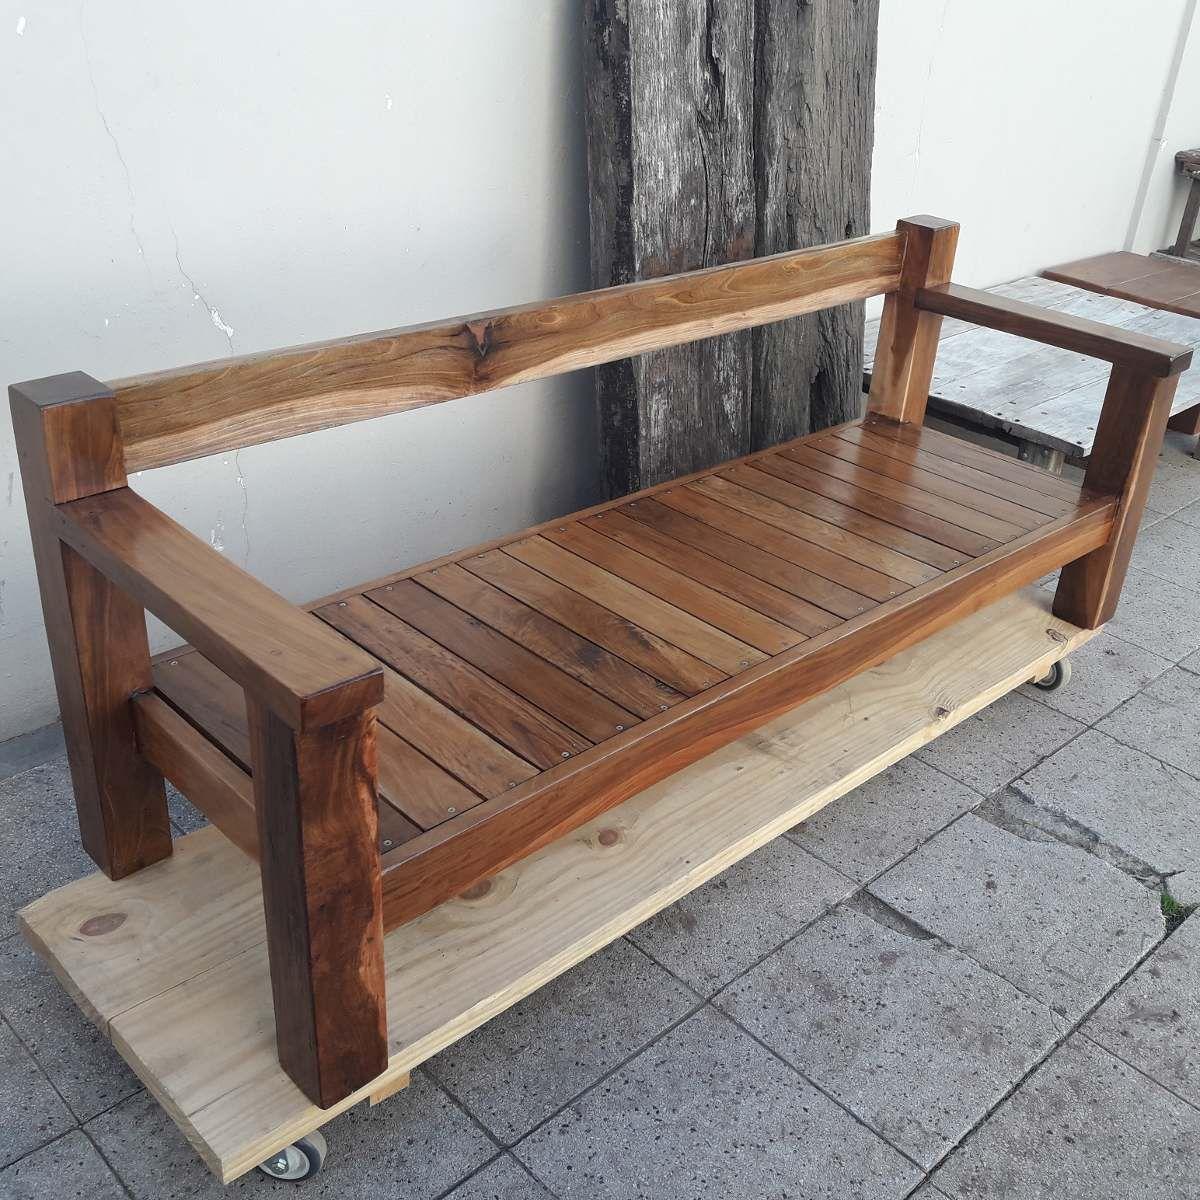 sillon de lapacho 200x70 - muebles jardin | Palets | Pinterest ...